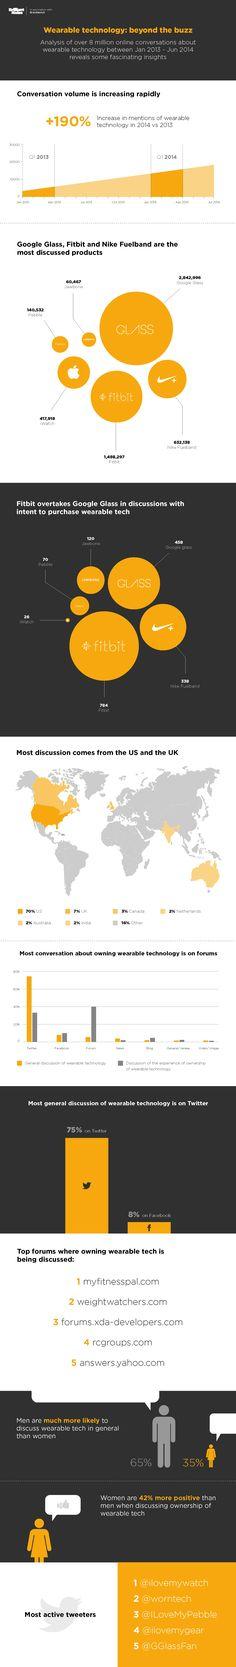 Interesante #infografía. No sobre la #wearabletech, sino sobre los entornos en los que se habla de ella: - Países - Foros - Redes Sociales - Sexo - Productos (y marcas)